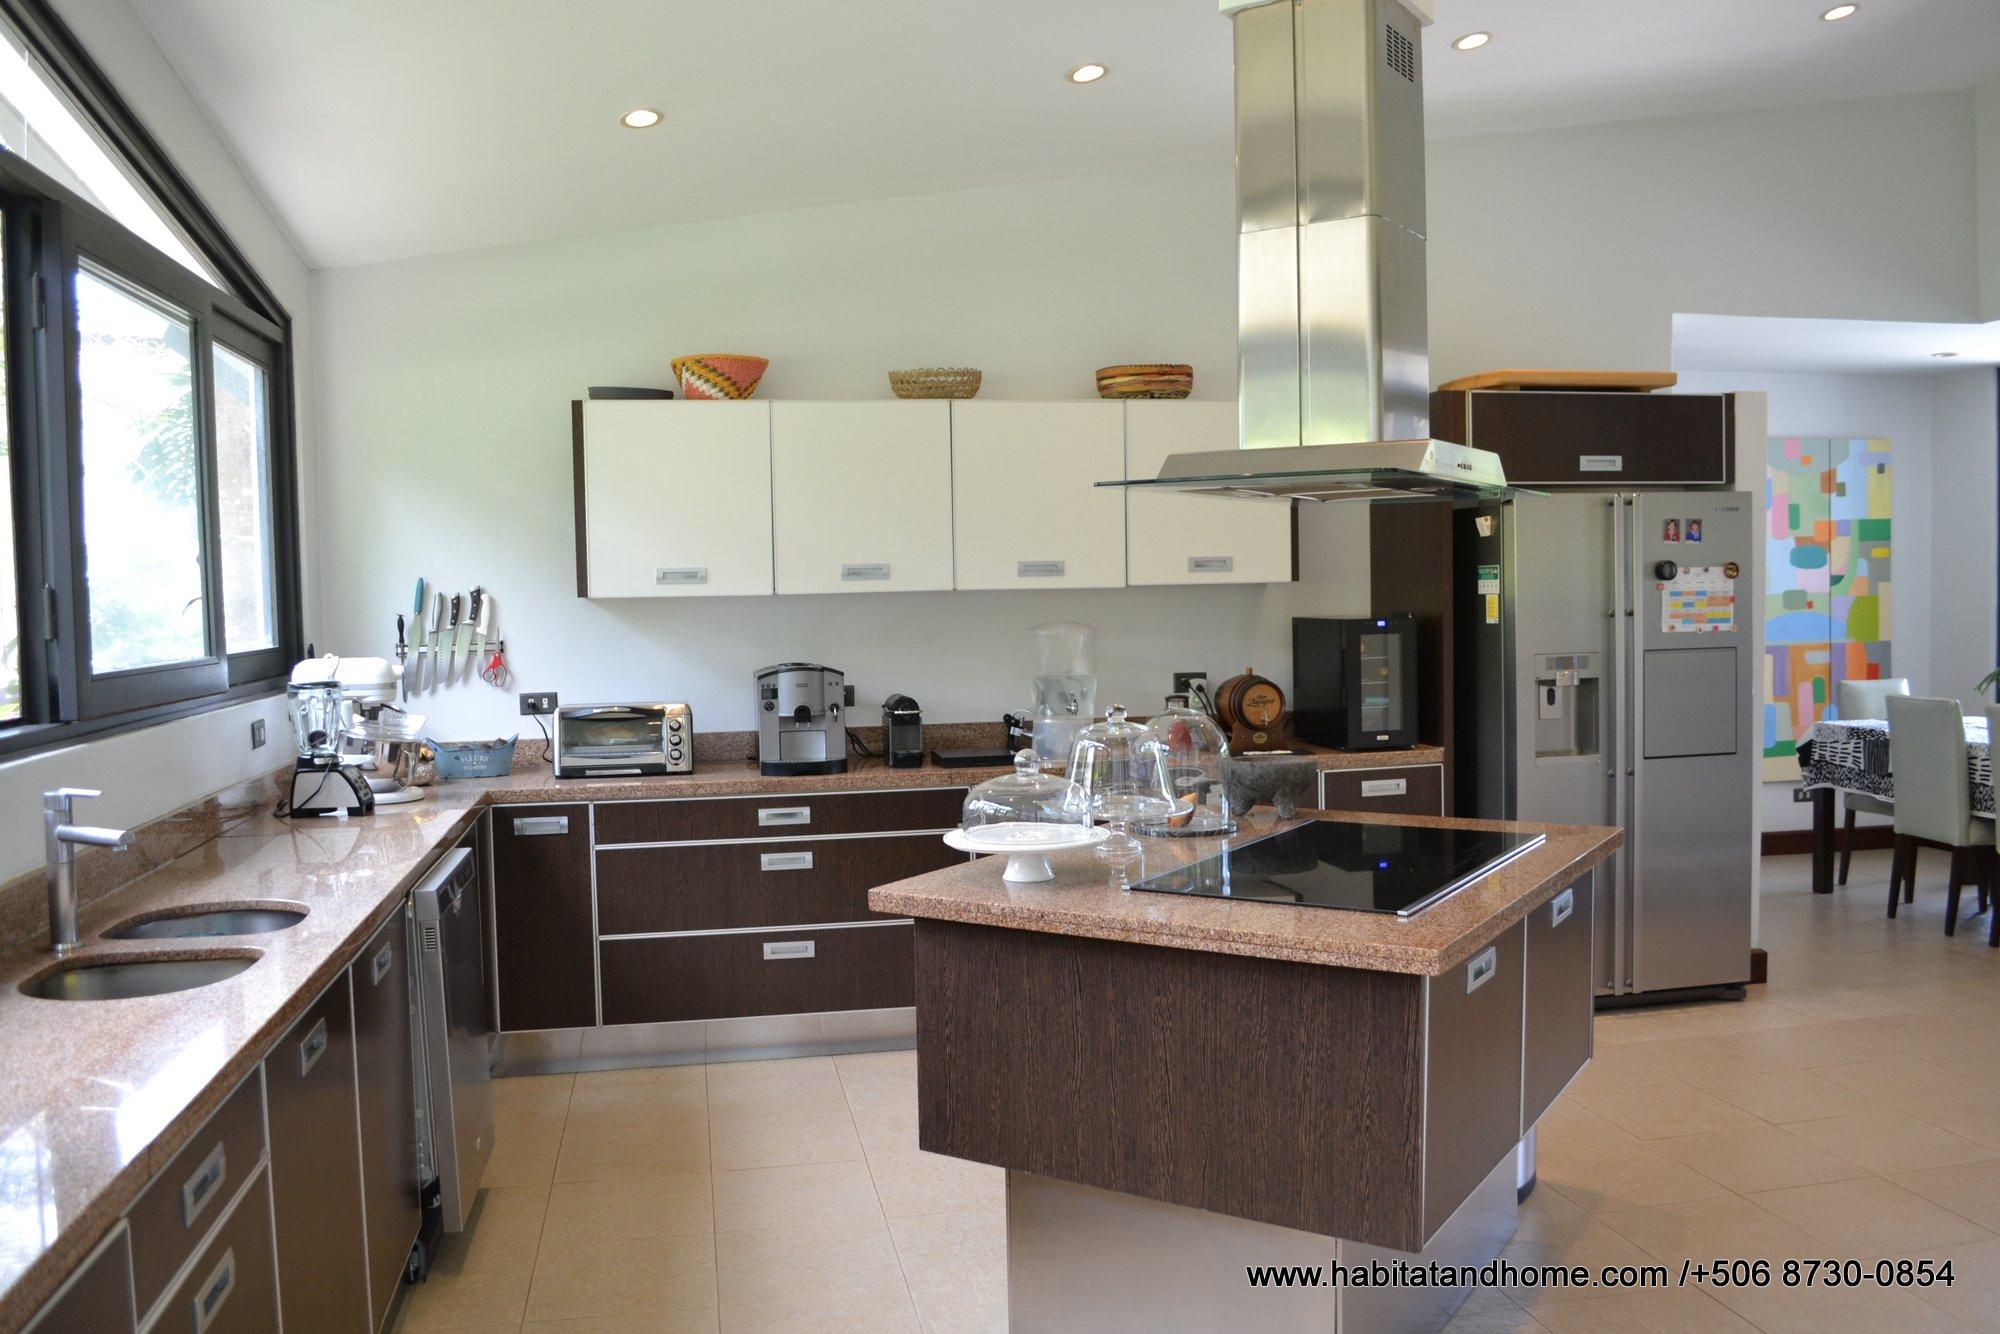 Espectacular casa moderna rodeada de naturaleza en condominio lujo Villa Real Santa Ana venta